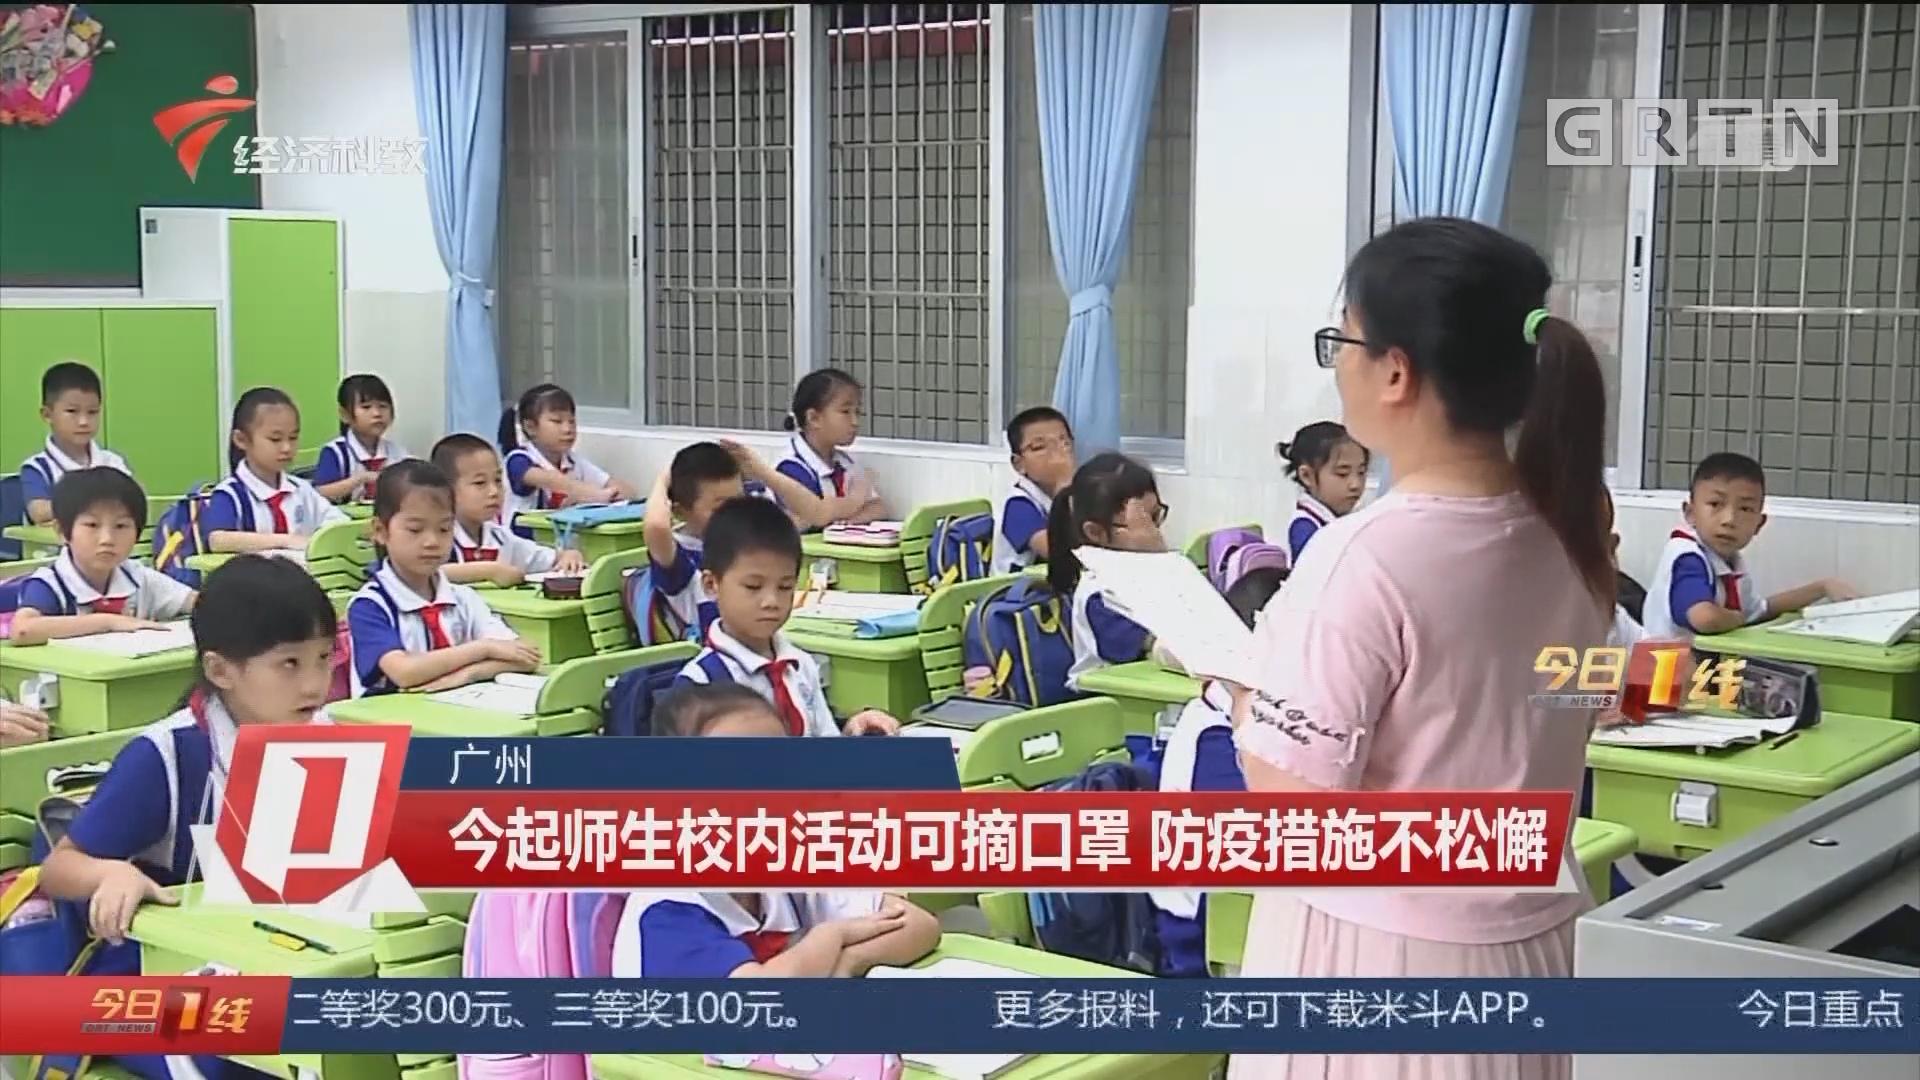 廣州 今起師生校內活動可摘口罩 防疫措施不松懈